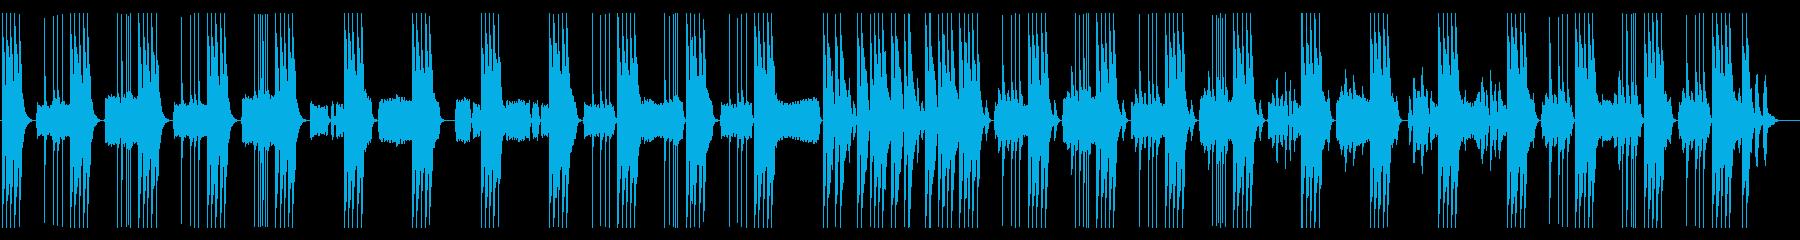 リズム抜】とぼけた、コミカル日常系BGMの再生済みの波形